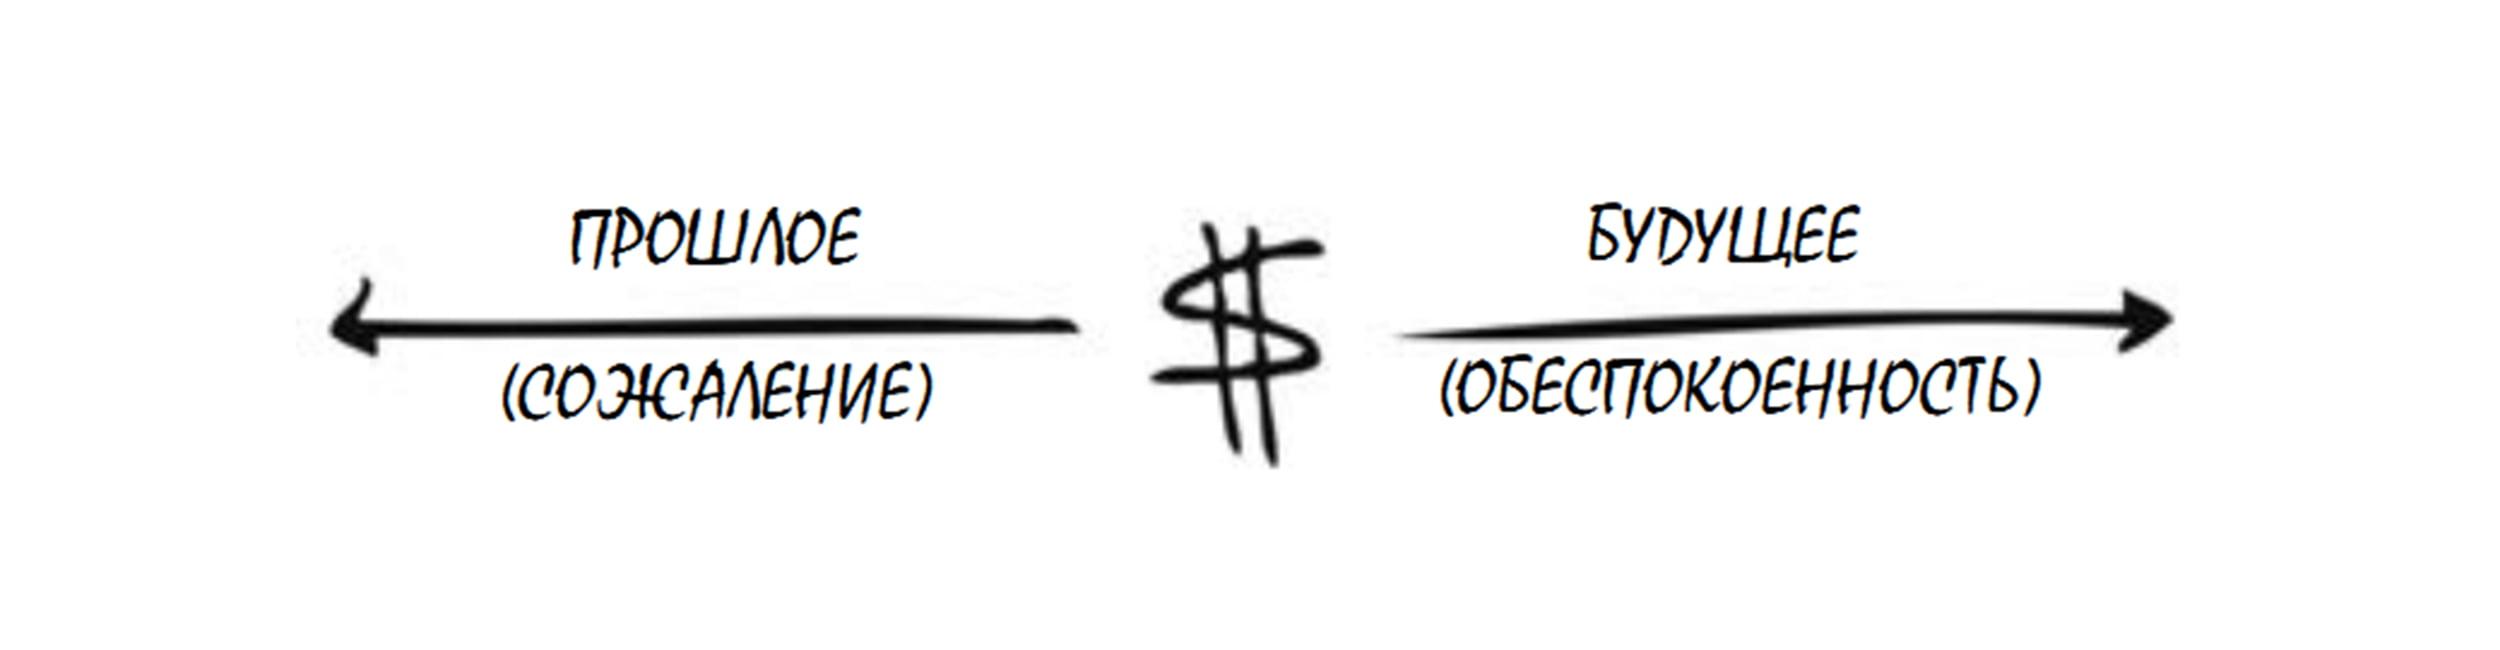 """Прошлые неудачи и отсутствие гарантий за результат мешает трейдерам <a href=""""/kak-zarabotat-na-optsionah/"""" target=""""_blank"""">зарабатывать на бинарных опционах</a>"""